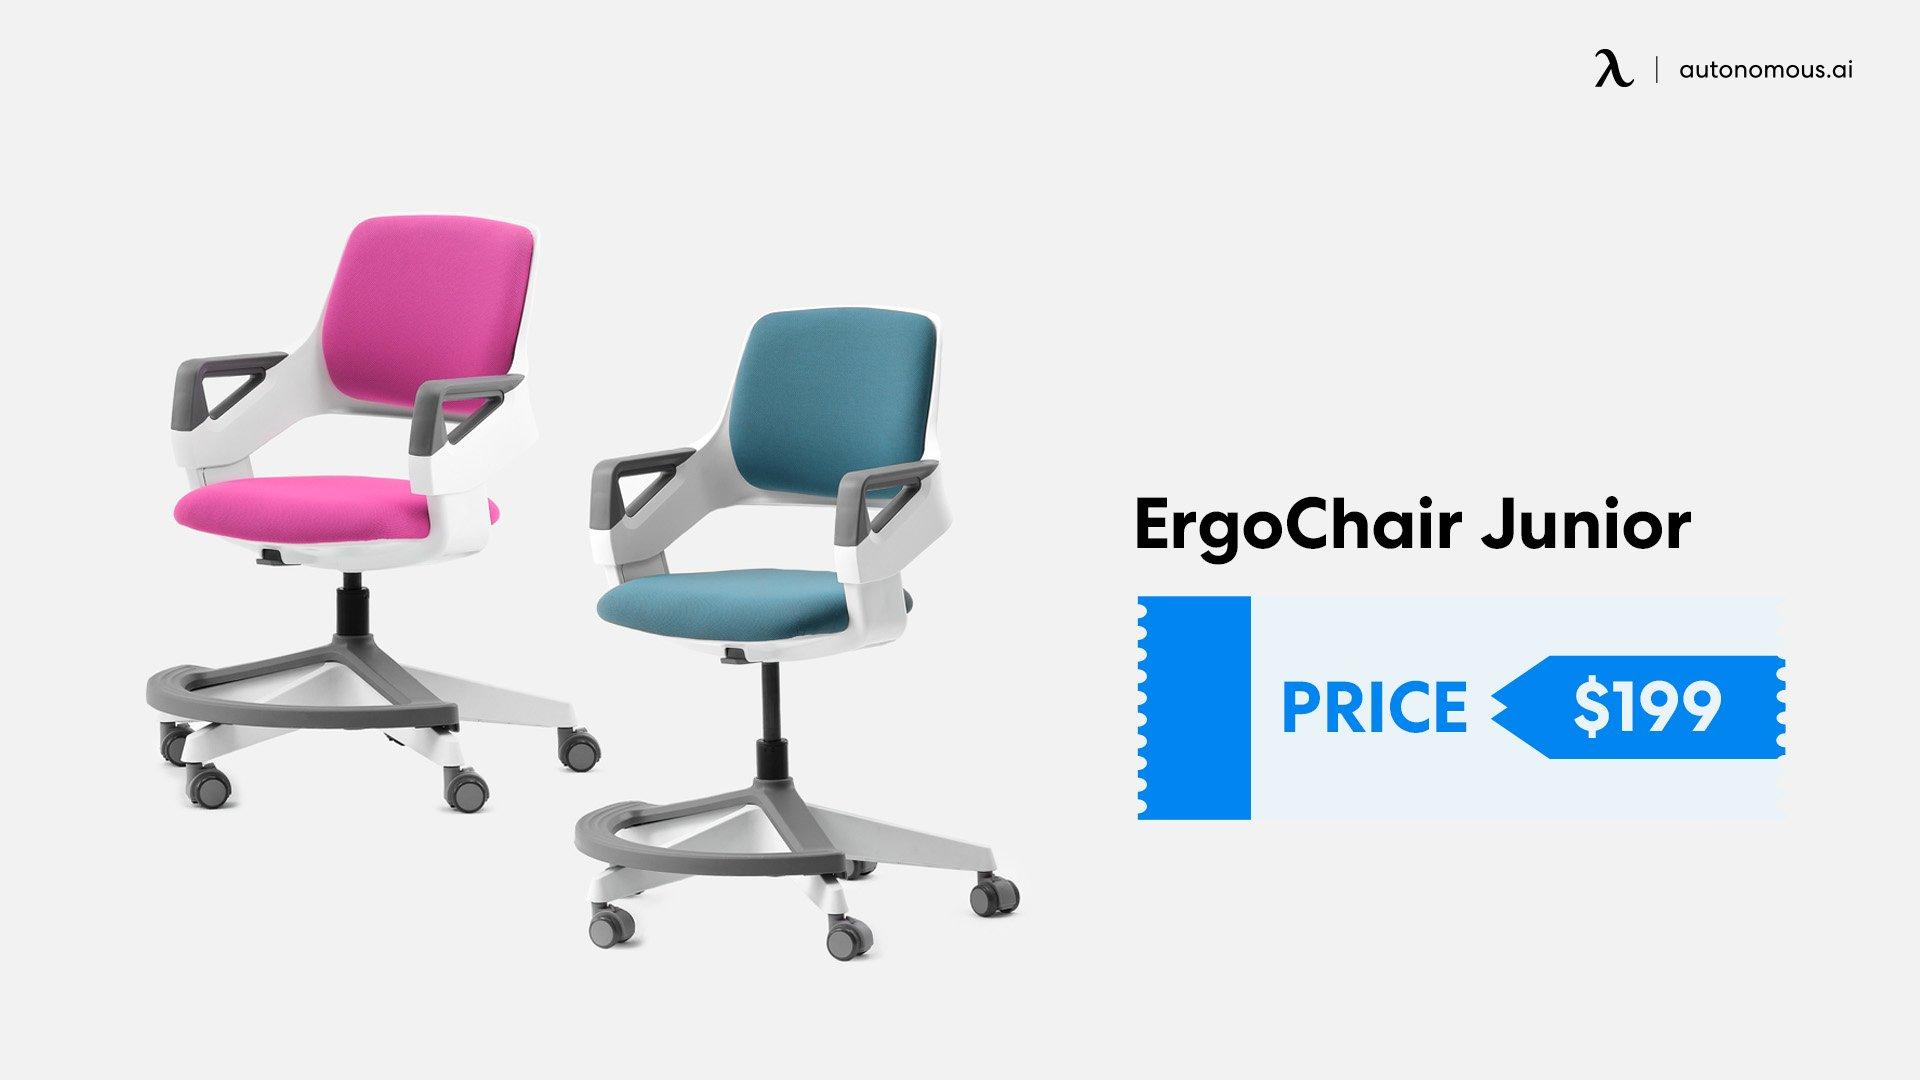 ErgoChair Junior